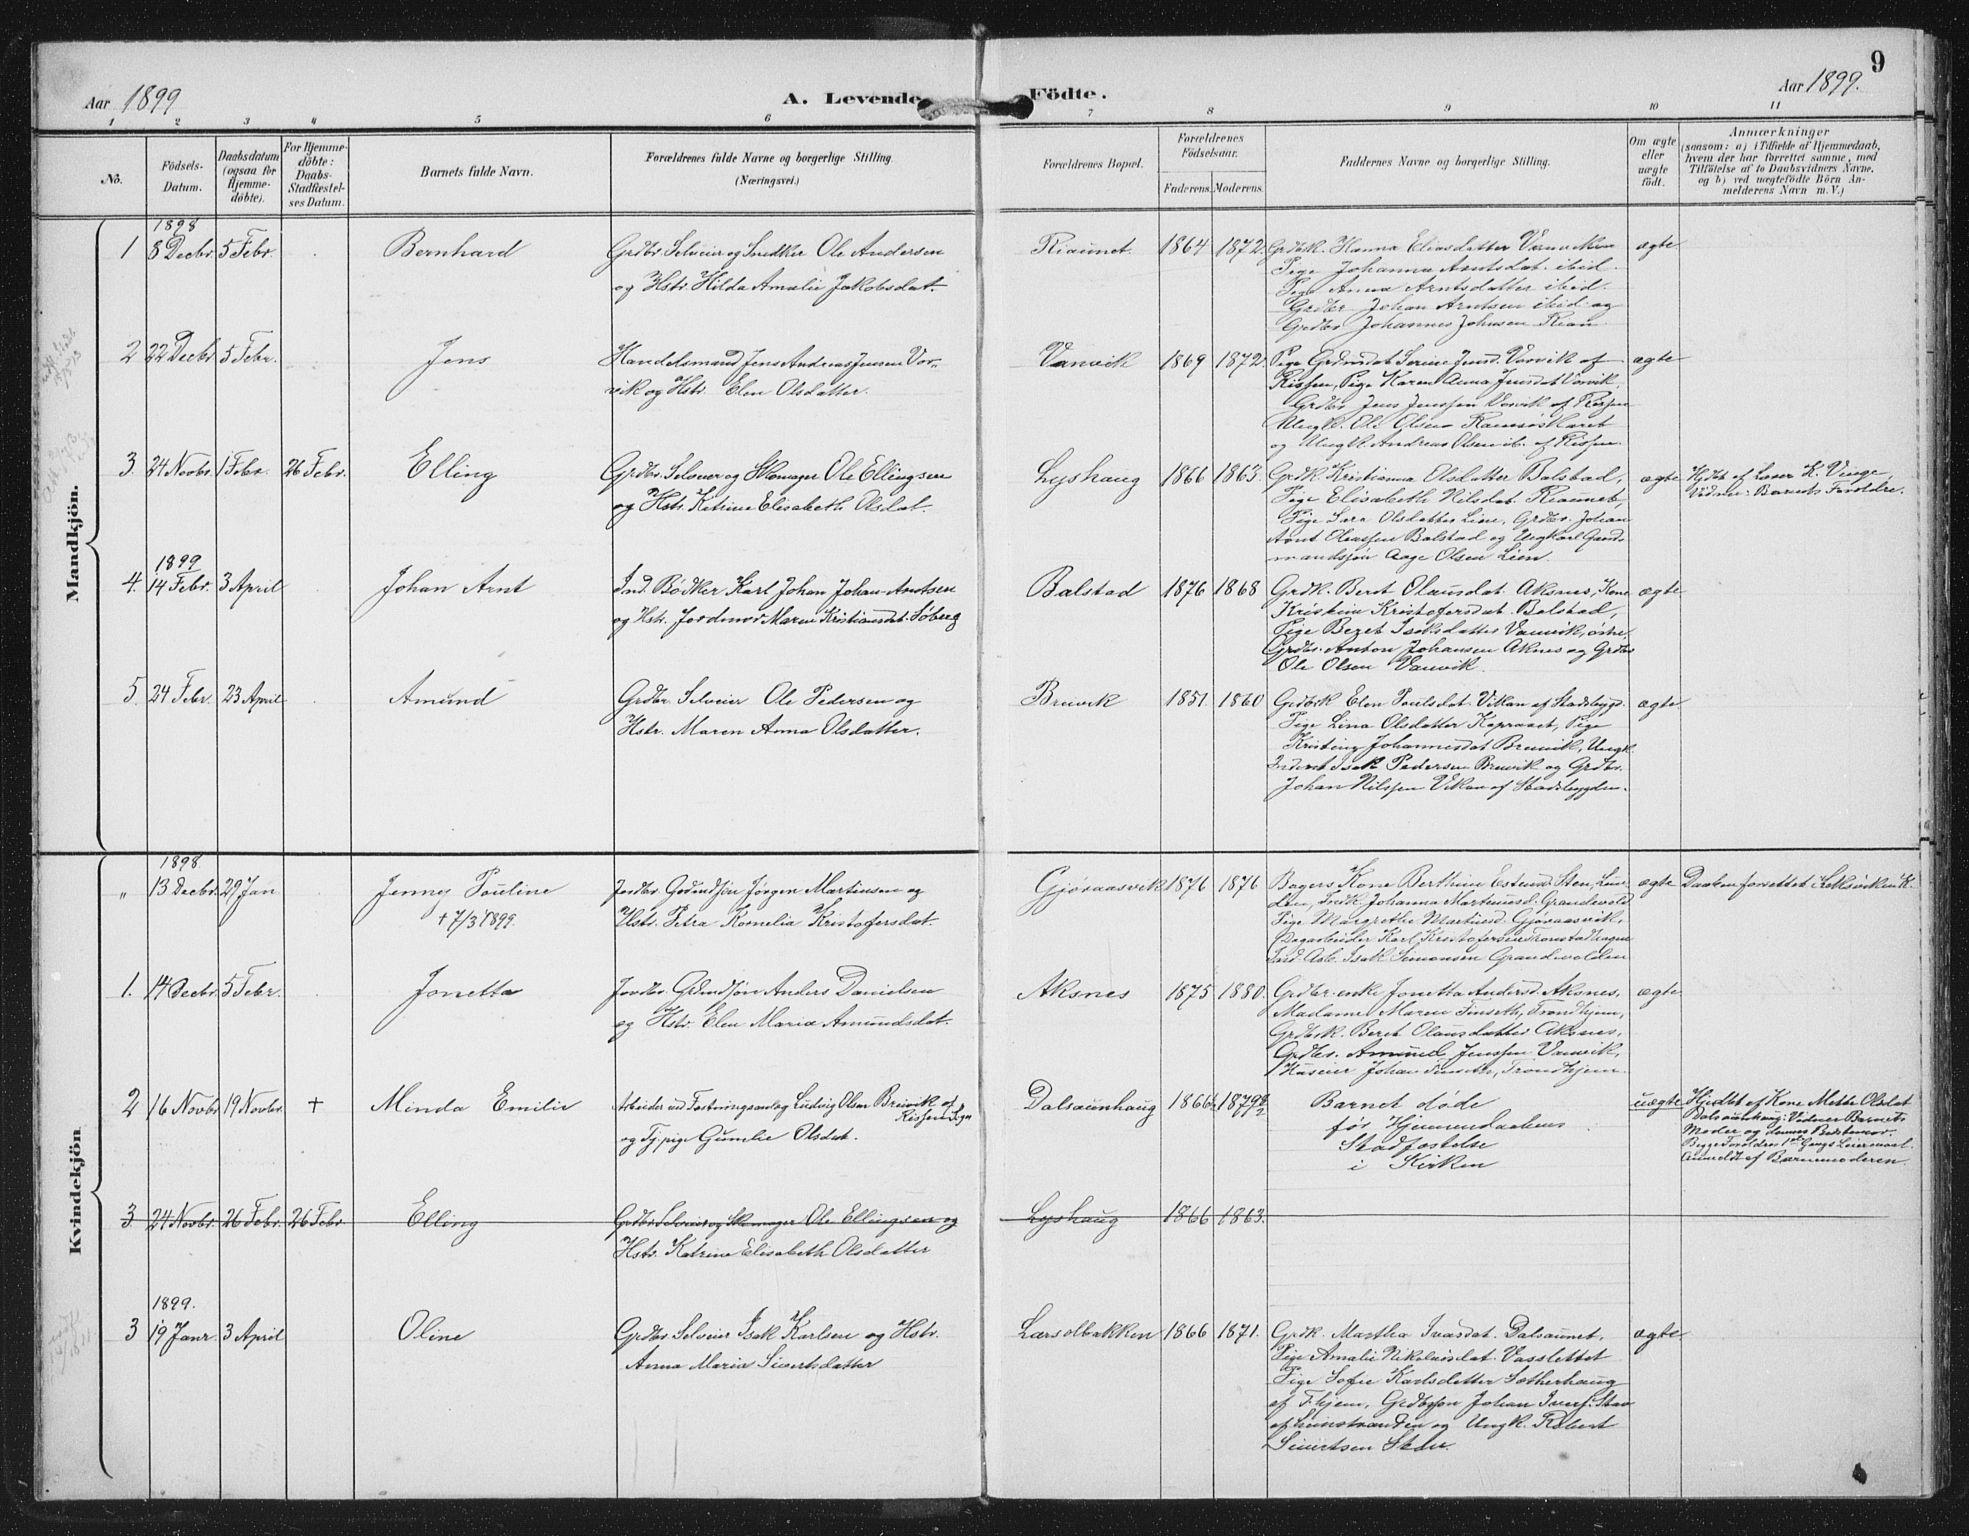 SAT, Ministerialprotokoller, klokkerbøker og fødselsregistre - Nord-Trøndelag, 702/L0024: Parish register (official) no. 702A02, 1898-1914, p. 9